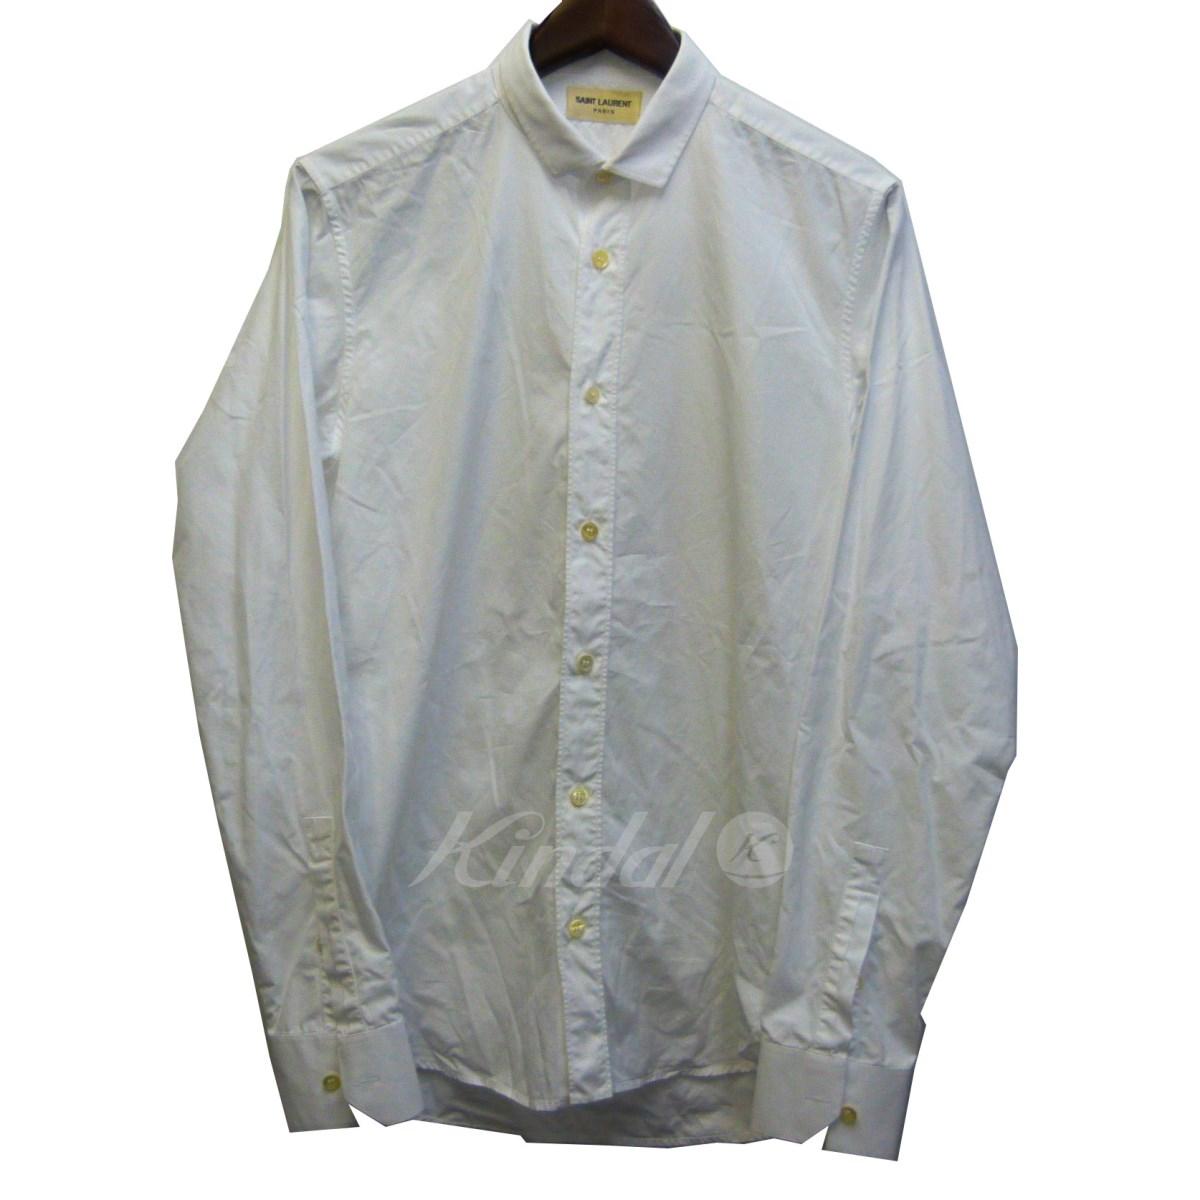 【中古】SAINT LAURENT PARIS 14SS 長袖シャツ ホワイト サイズ:38/15 【送料無料】 【210418】(サンローランパリ)